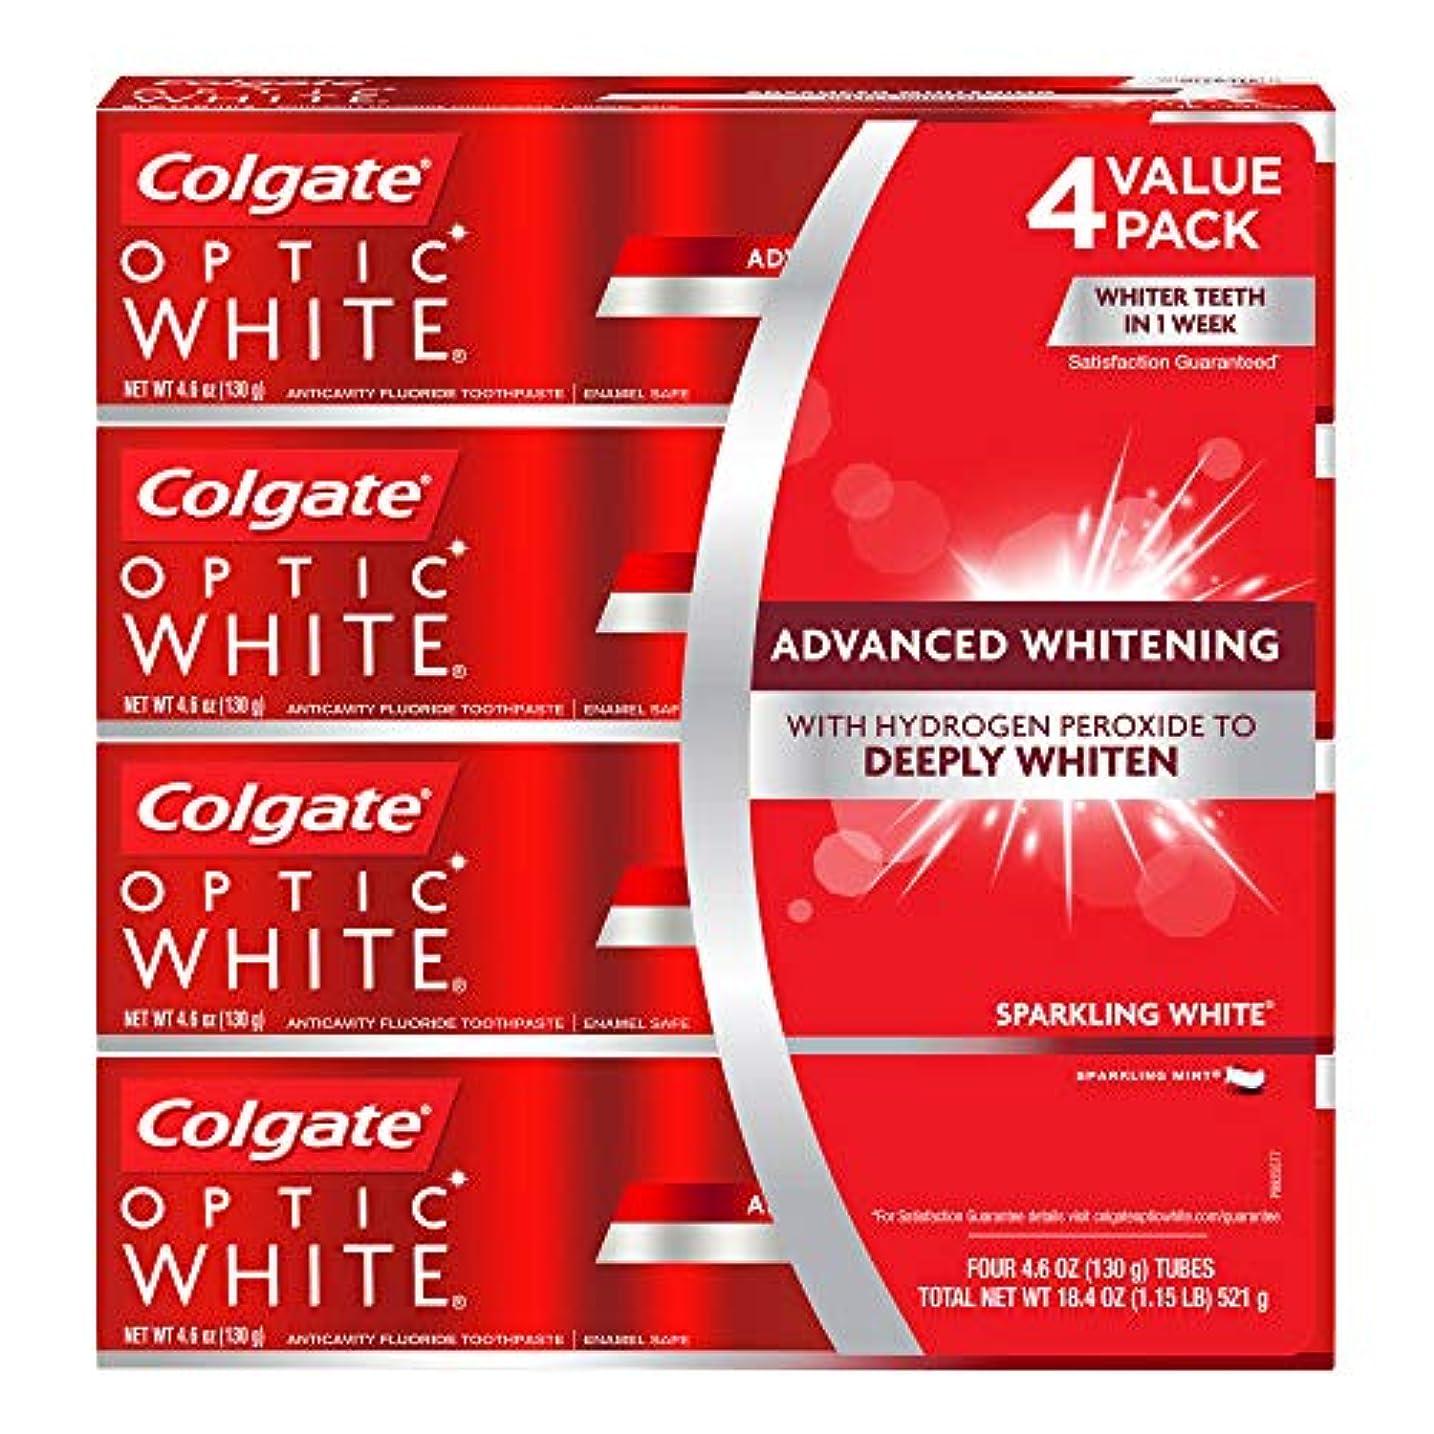 険しいミュウミュウ見ました海外直送品 コルゲートオプティックホワイトスパークリングホワイト 歯磨き粉 Colgate Optic White Sparkling White Toothpaste, Sparkling Mint (4.6 oz,...